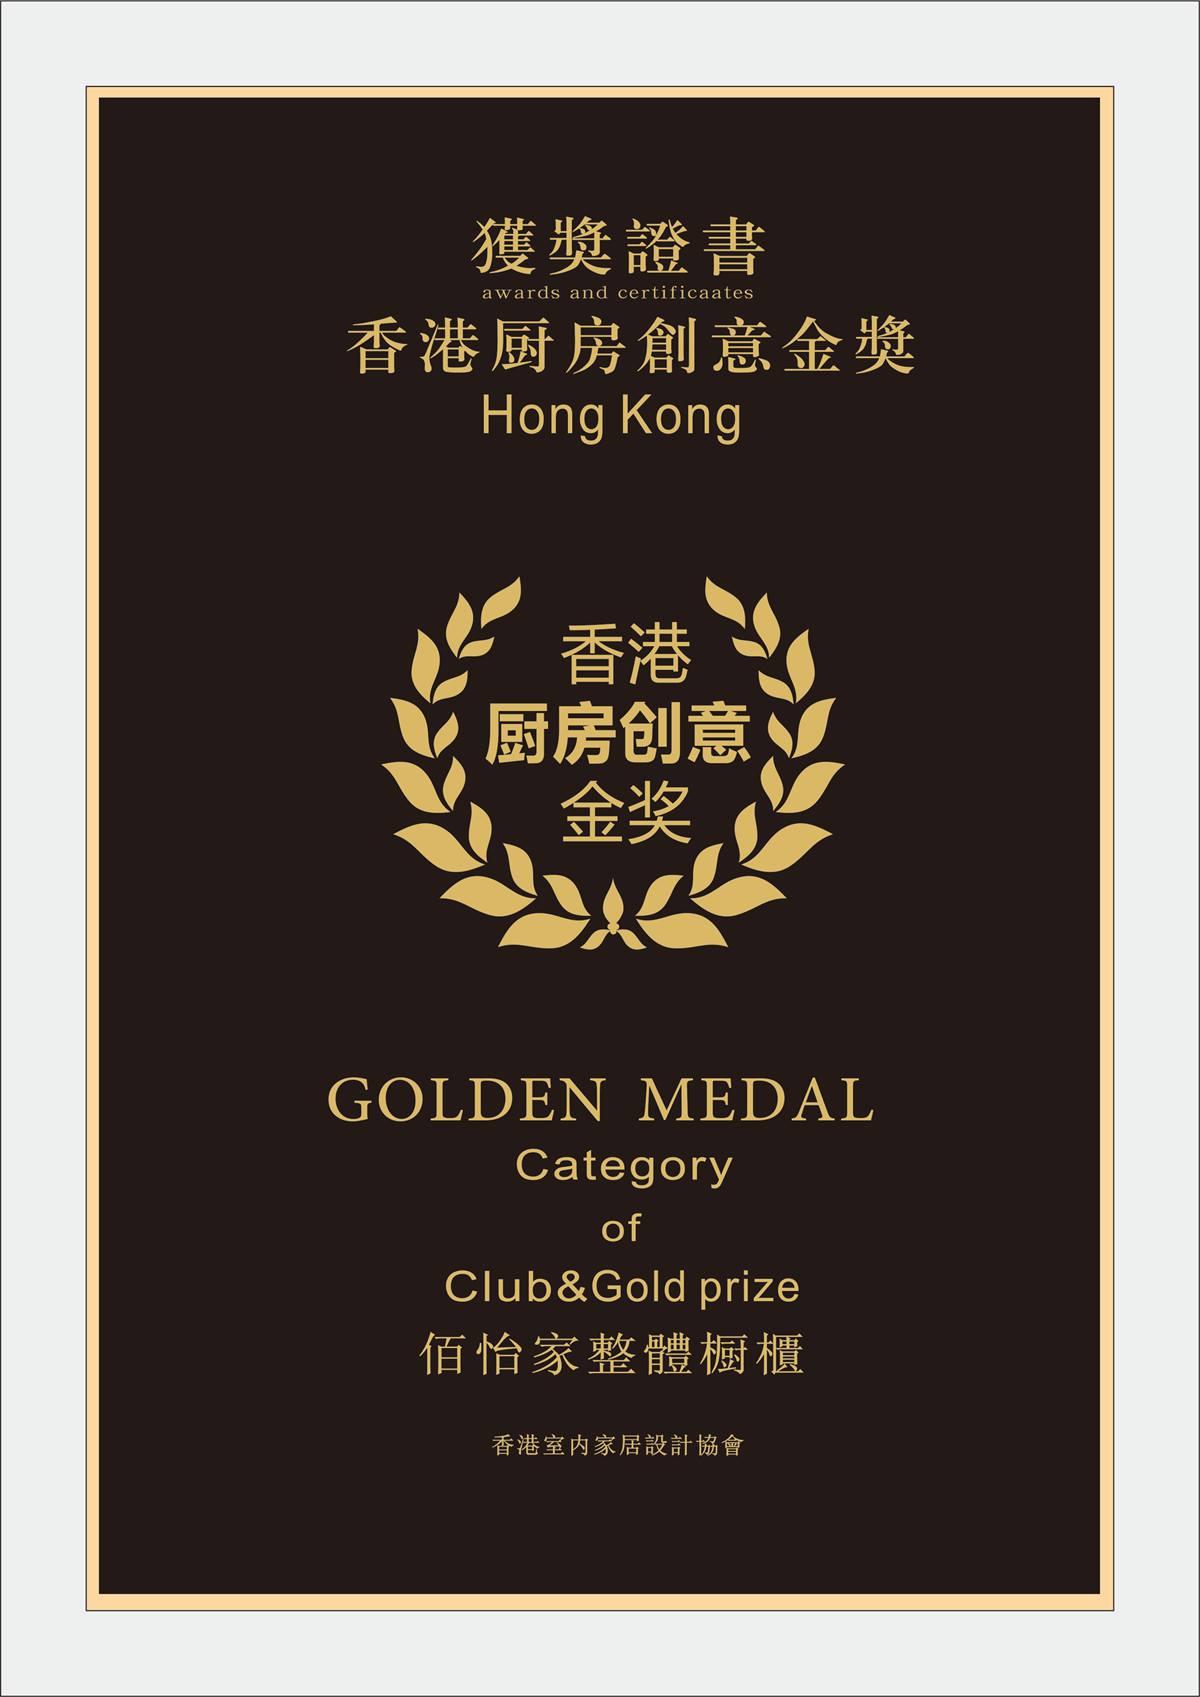 香港厨房创意金奖